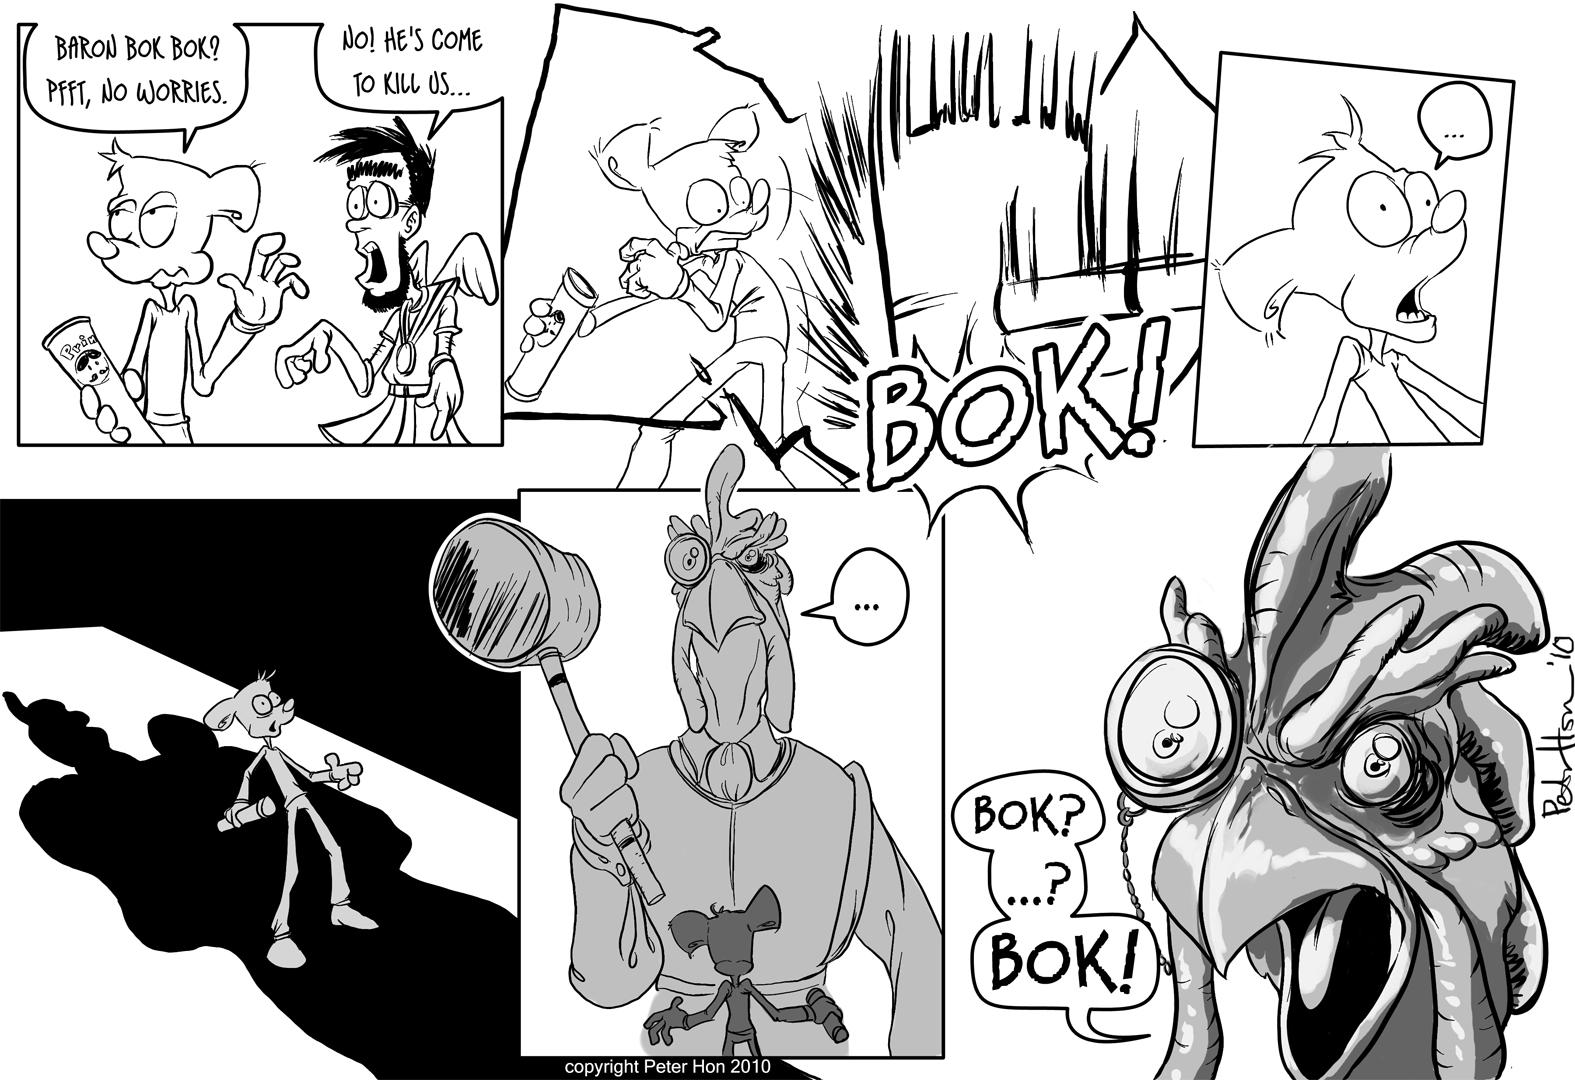 Enter Baron Bok Bok